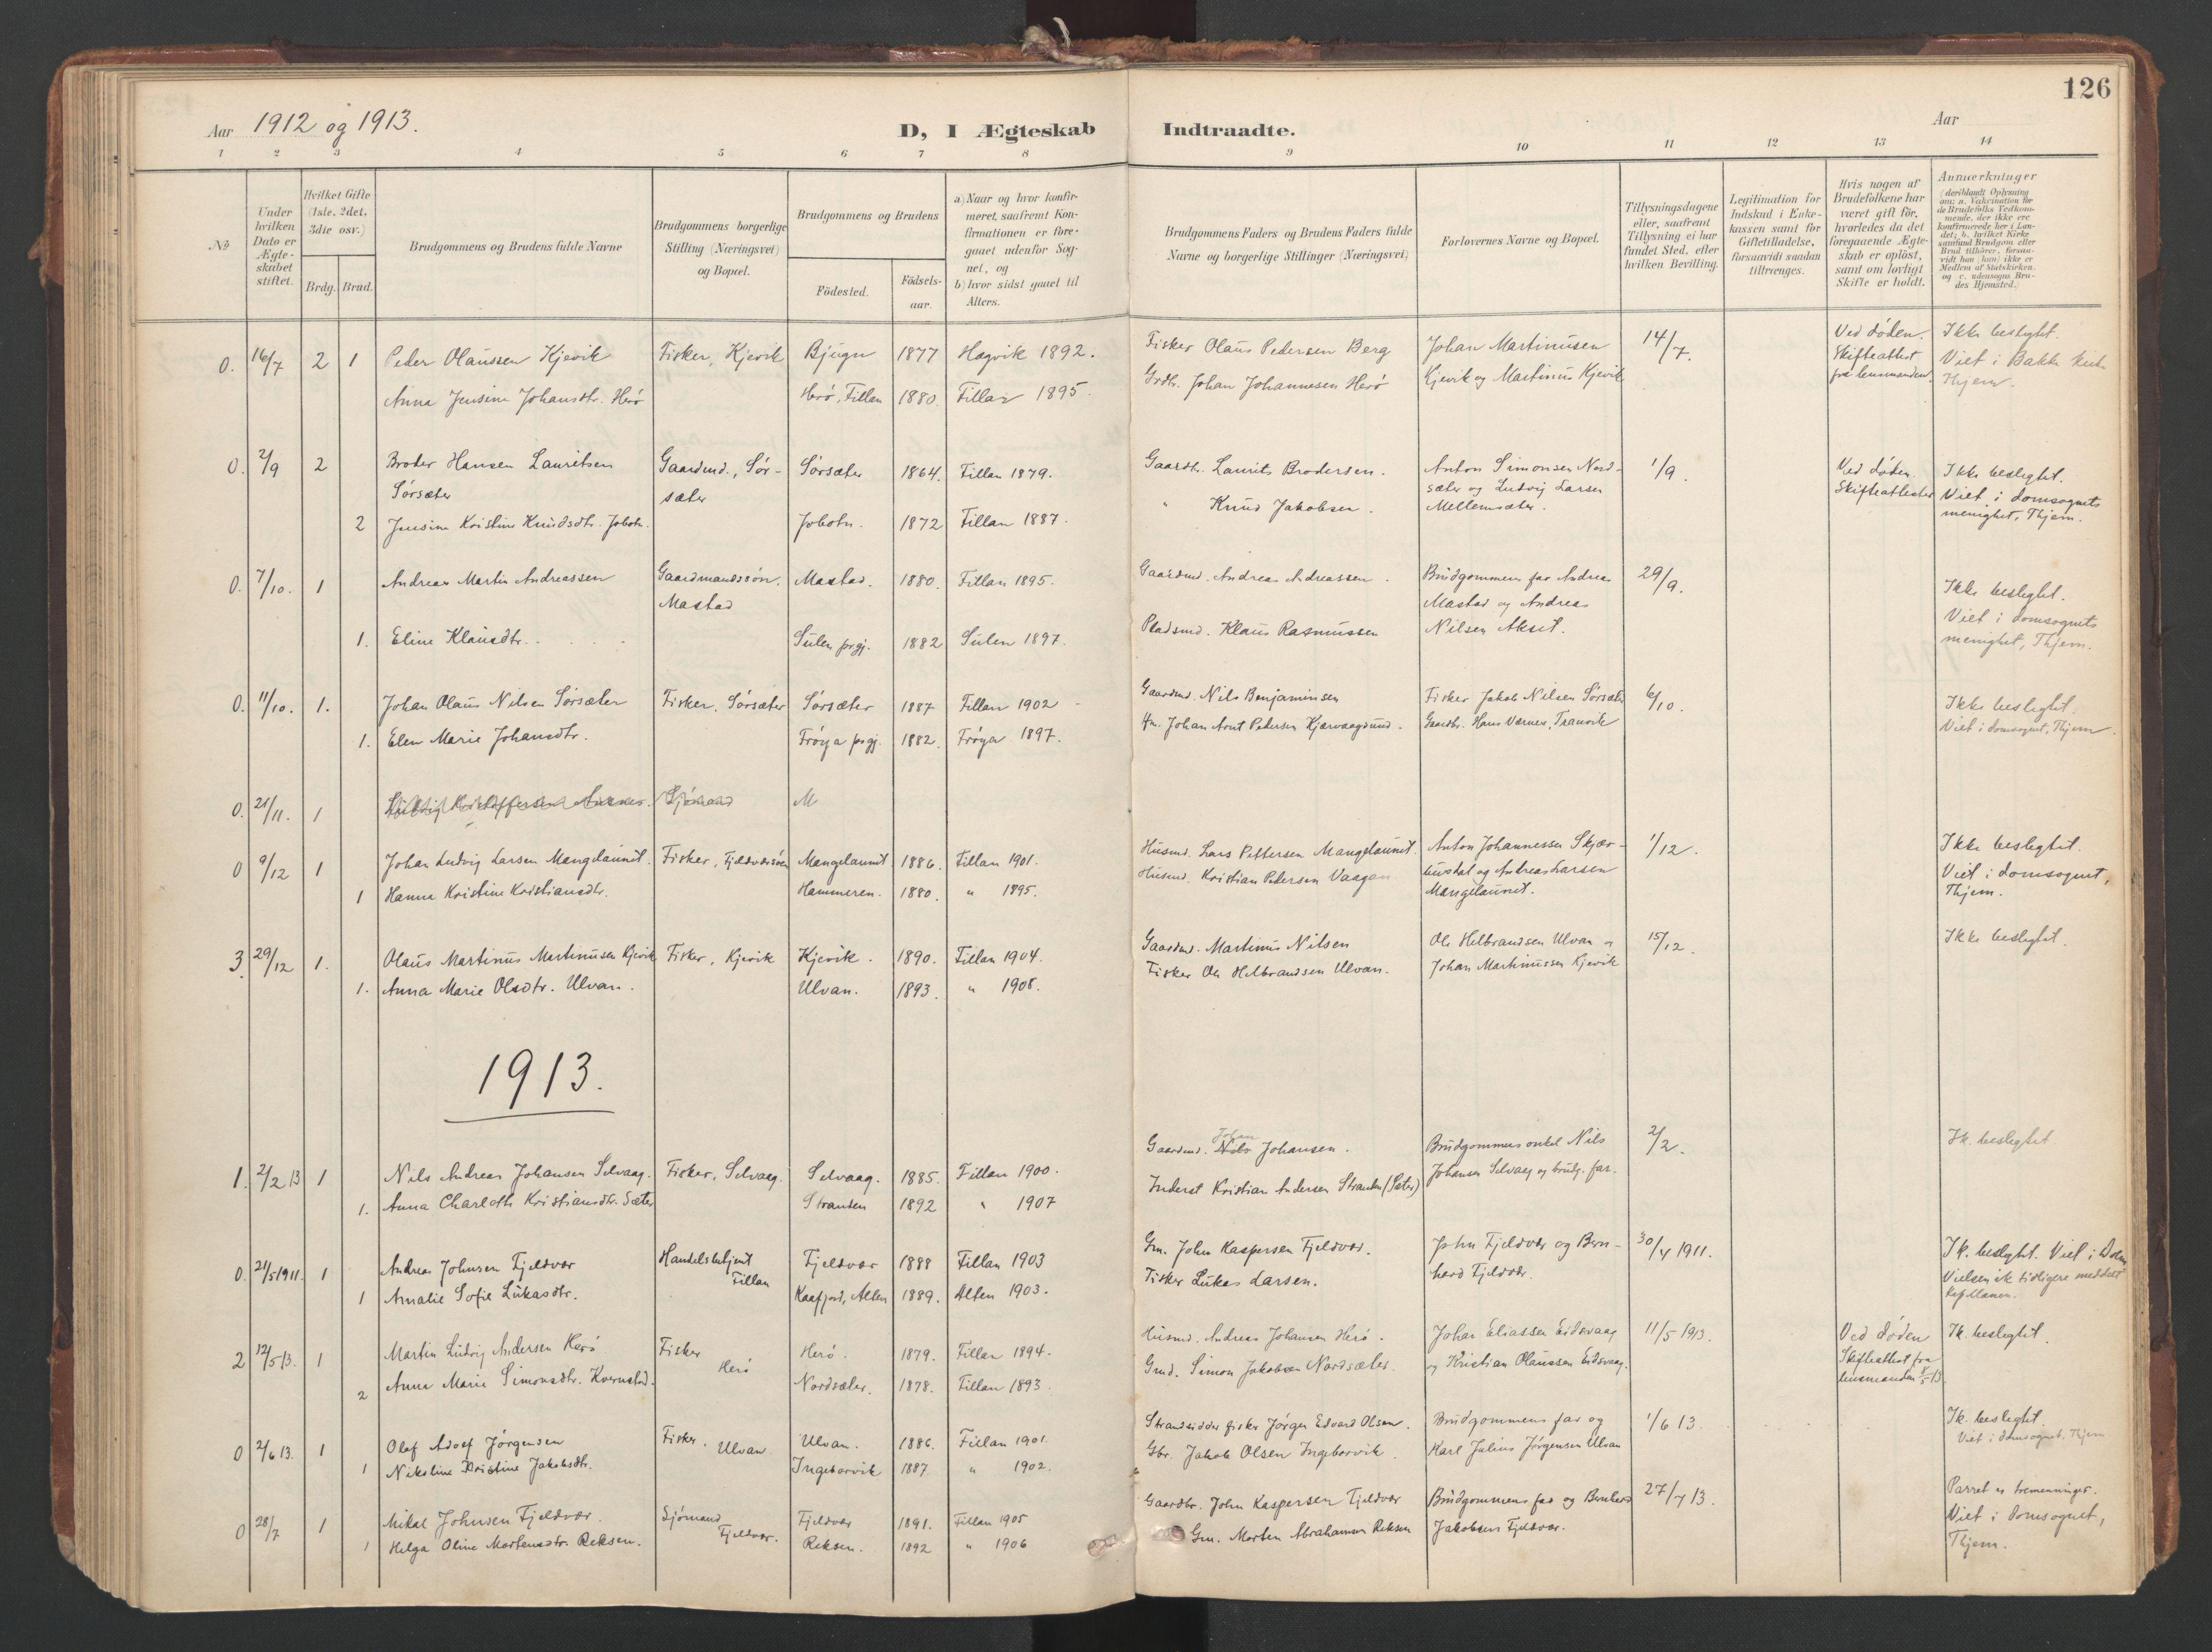 SAT, Ministerialprotokoller, klokkerbøker og fødselsregistre - Sør-Trøndelag, 638/L0568: Ministerialbok nr. 638A01, 1901-1916, s. 126